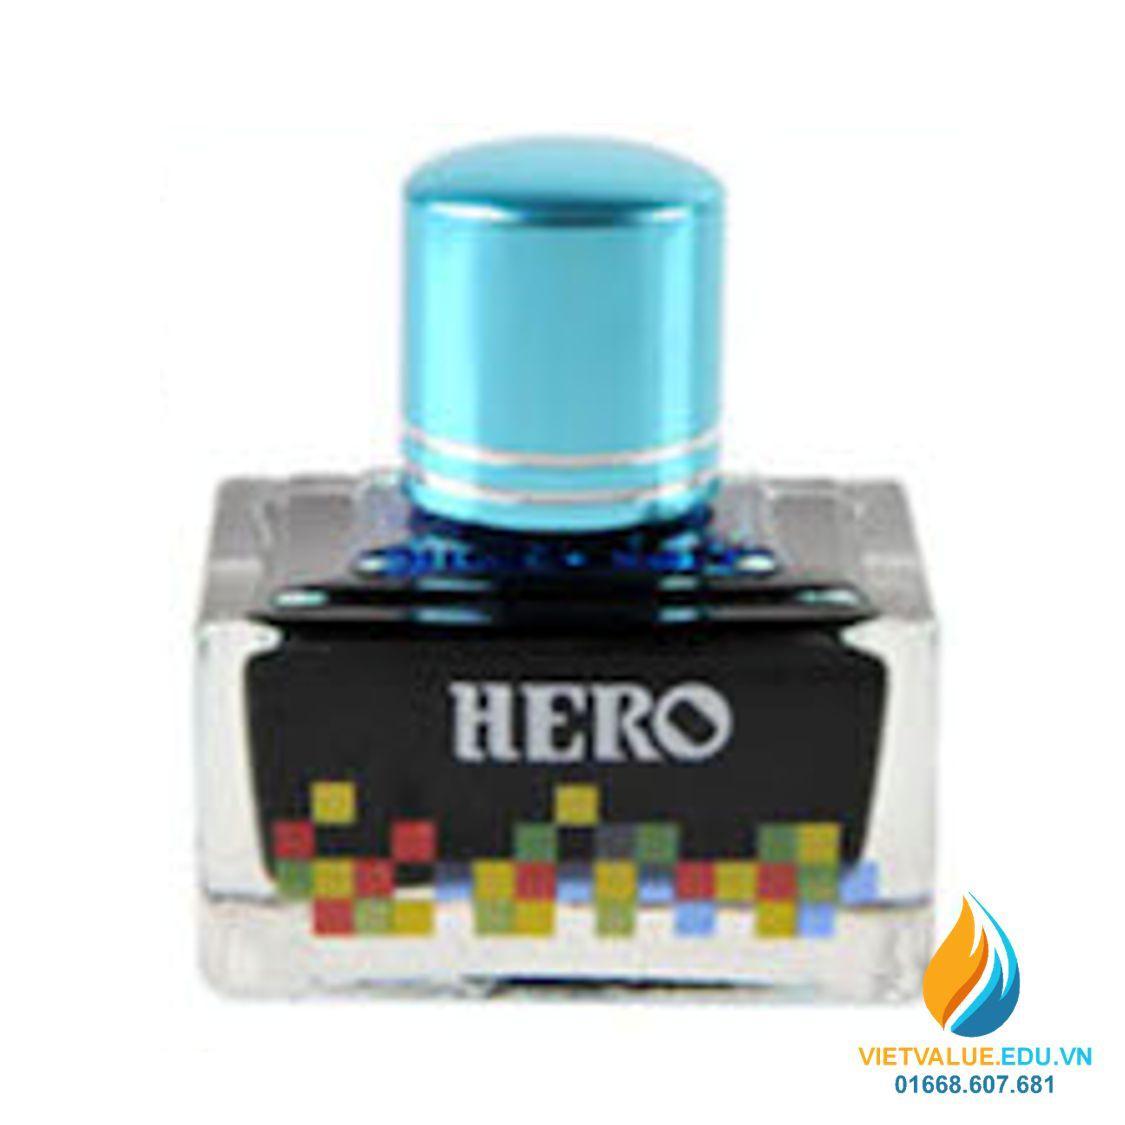 Mua Mực Hero thường cho bút máy, 40ml, màu xanh mây trời mã 7101